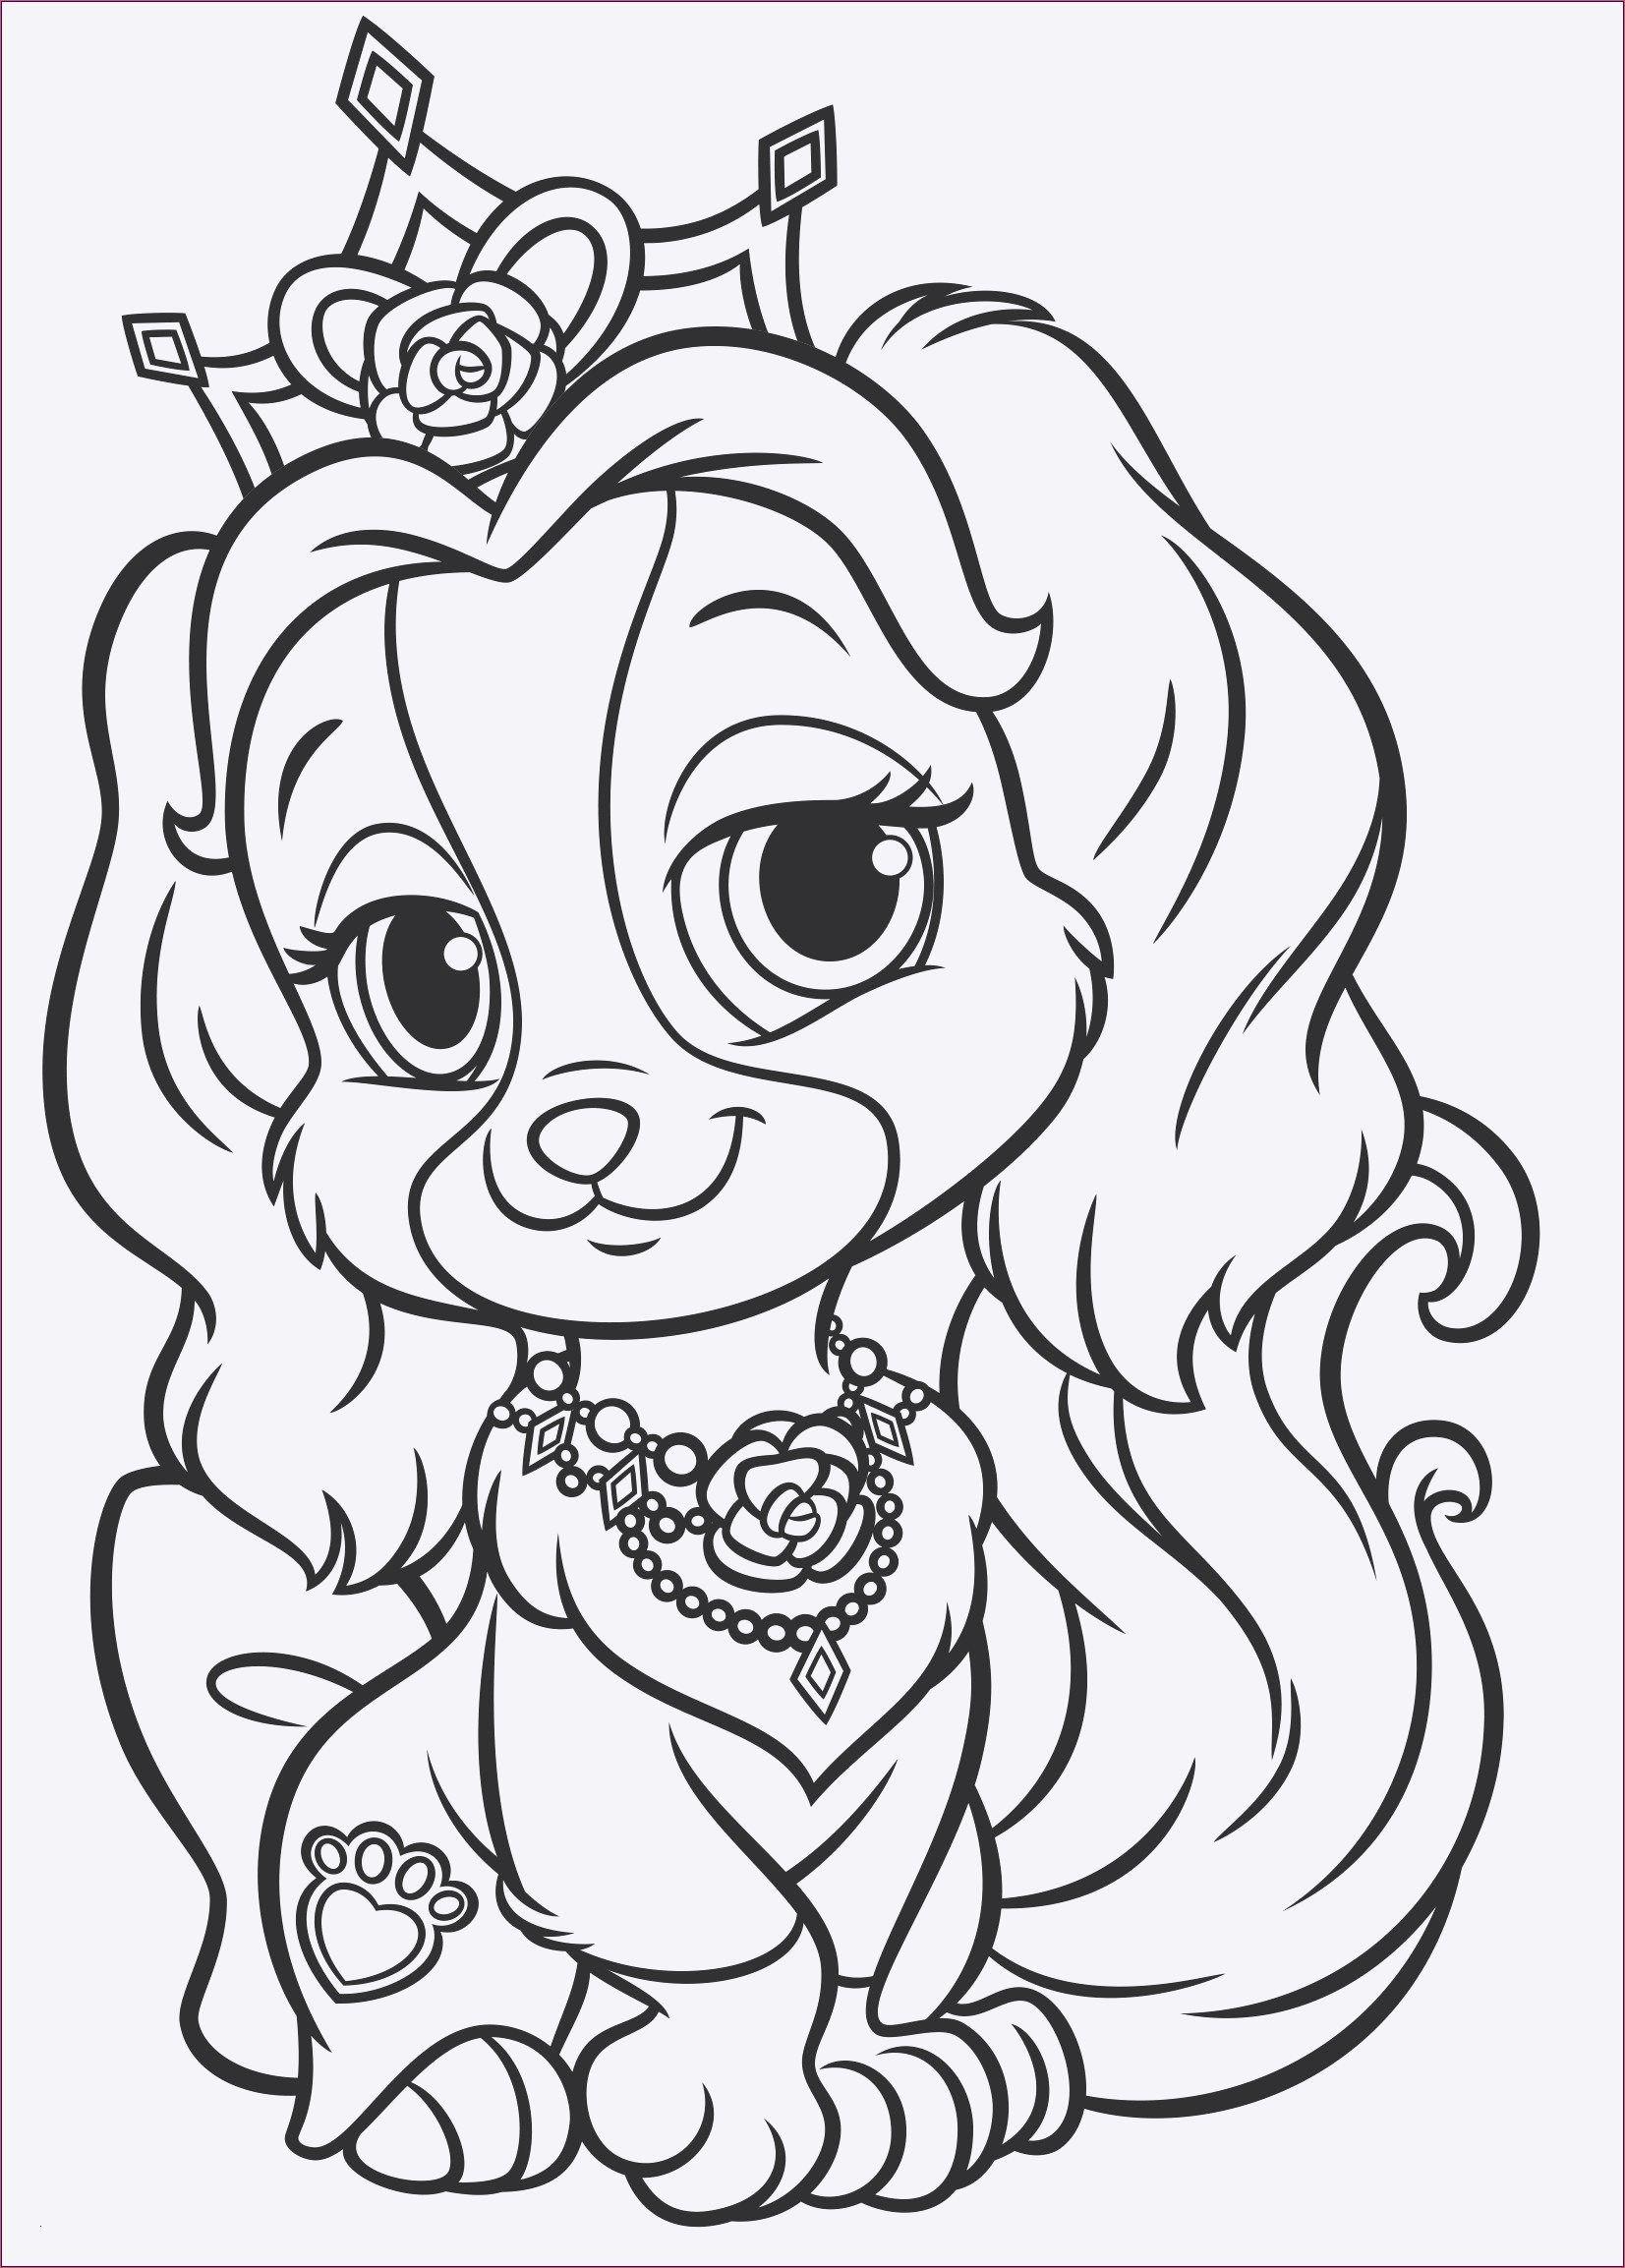 Malvorlagen Gratis Prinzessin Disney Neu Pferde Ausmalbilder